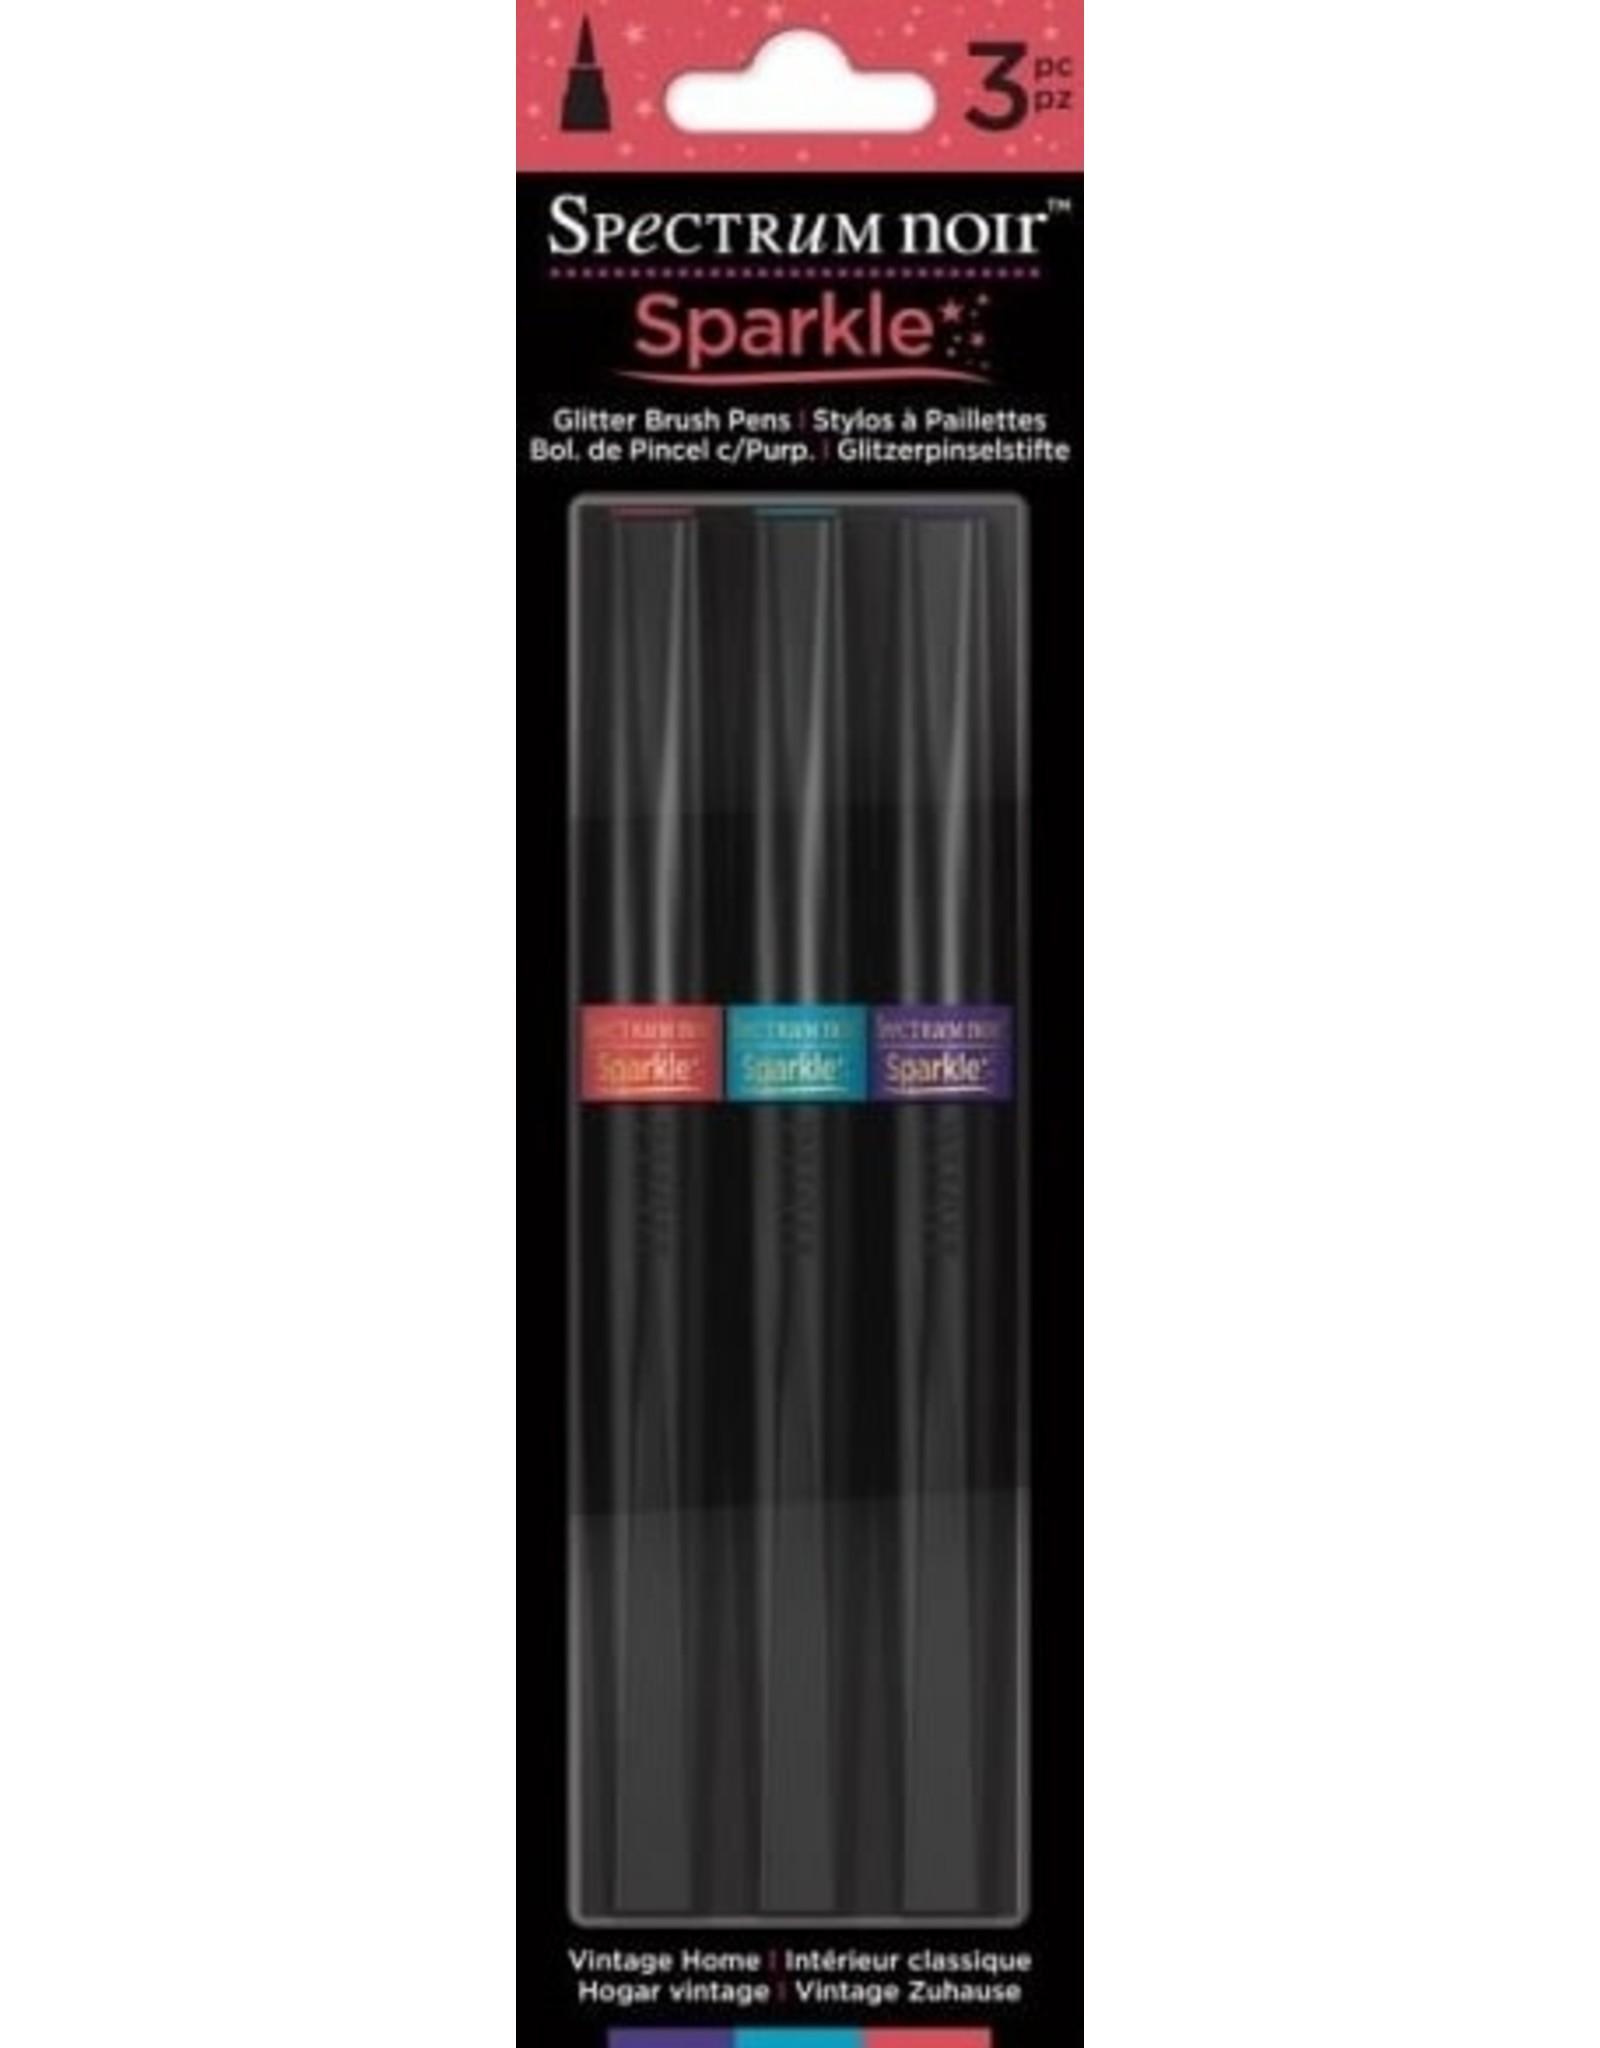 spectrum noir Spectrum Noir Sparkle (3pk) - Vintage Home